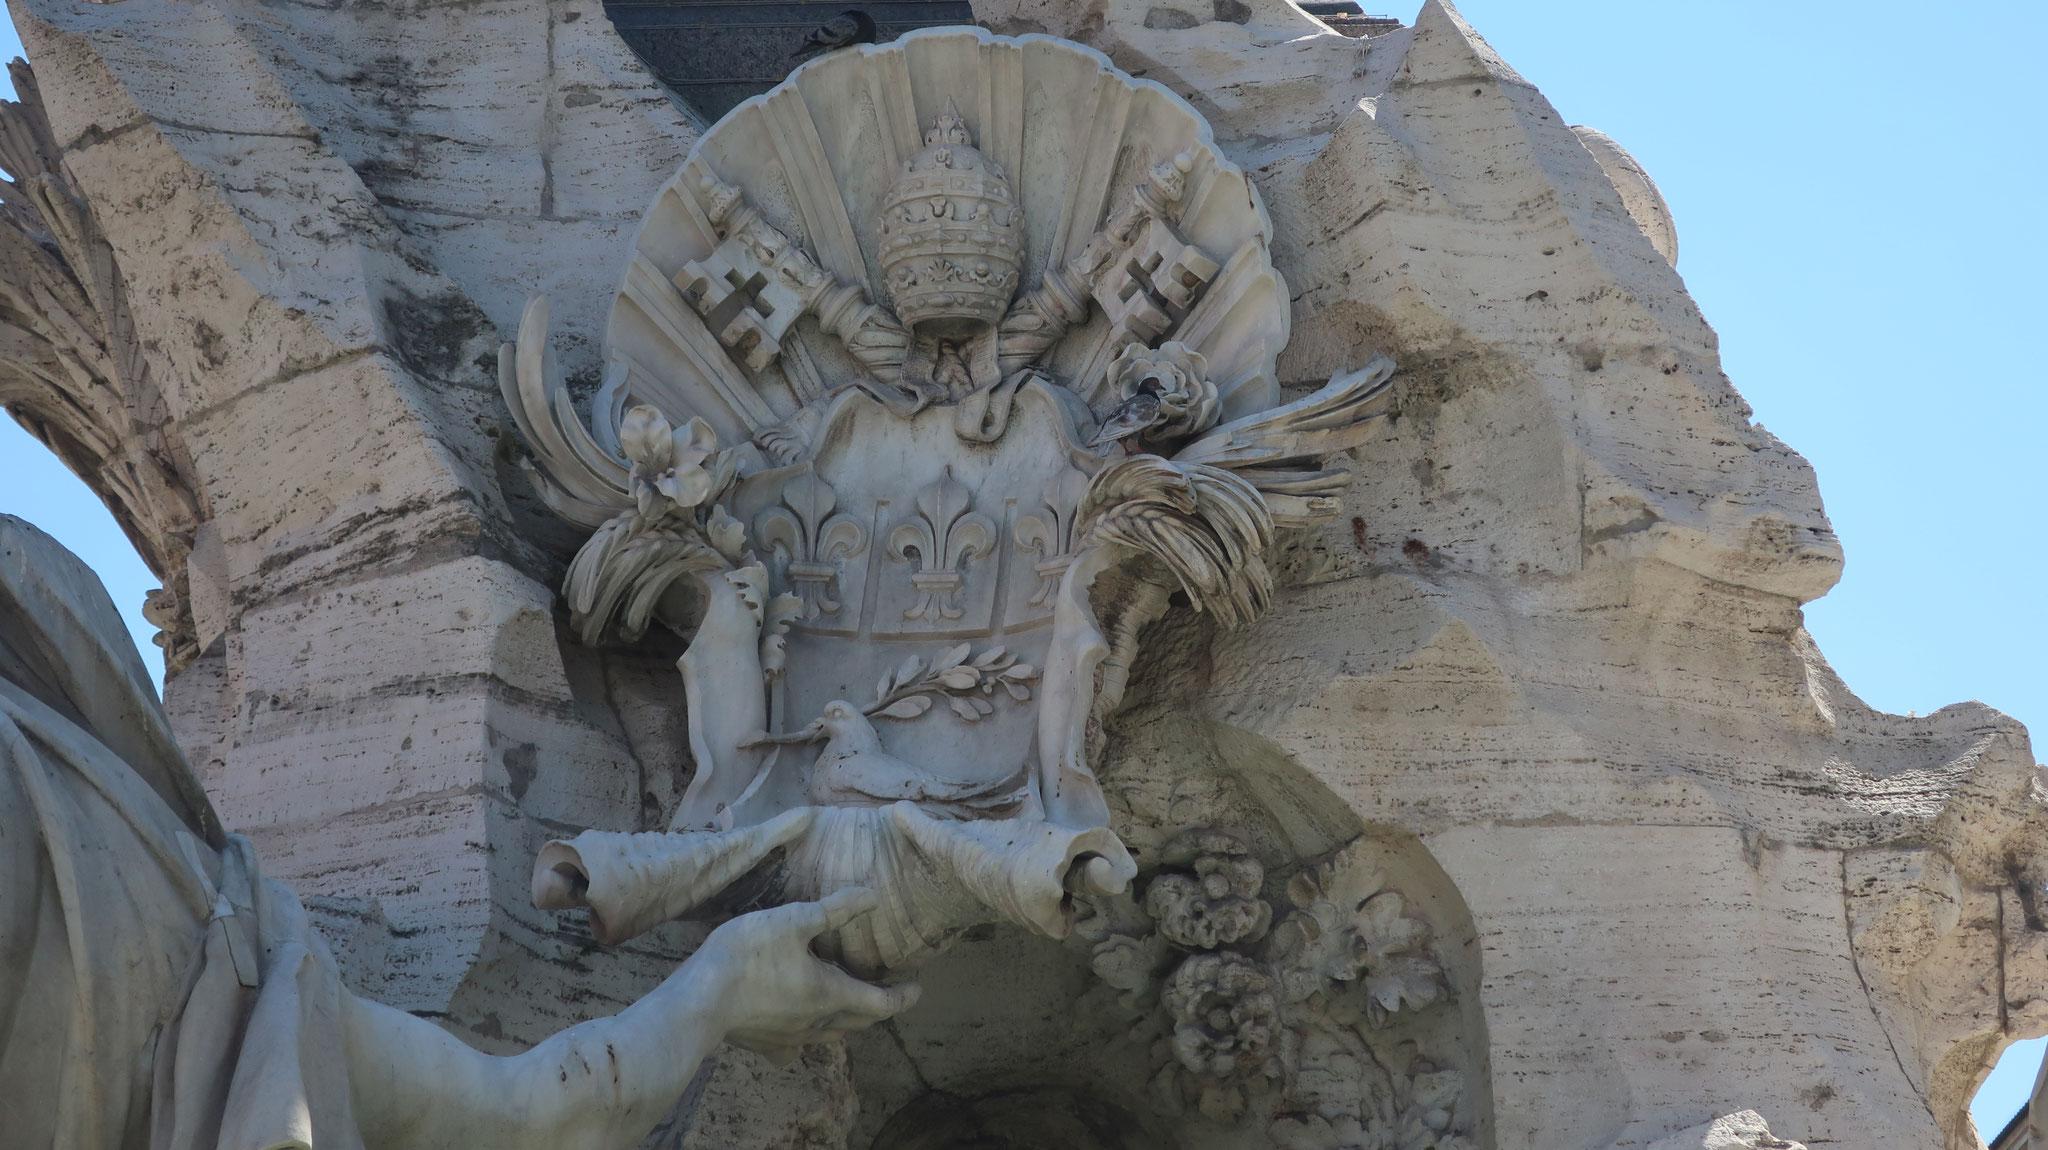 ドナウ川の像の手が法王の紋章に触れているのは、ヨーロッパが法王の支配下にある事を示します。